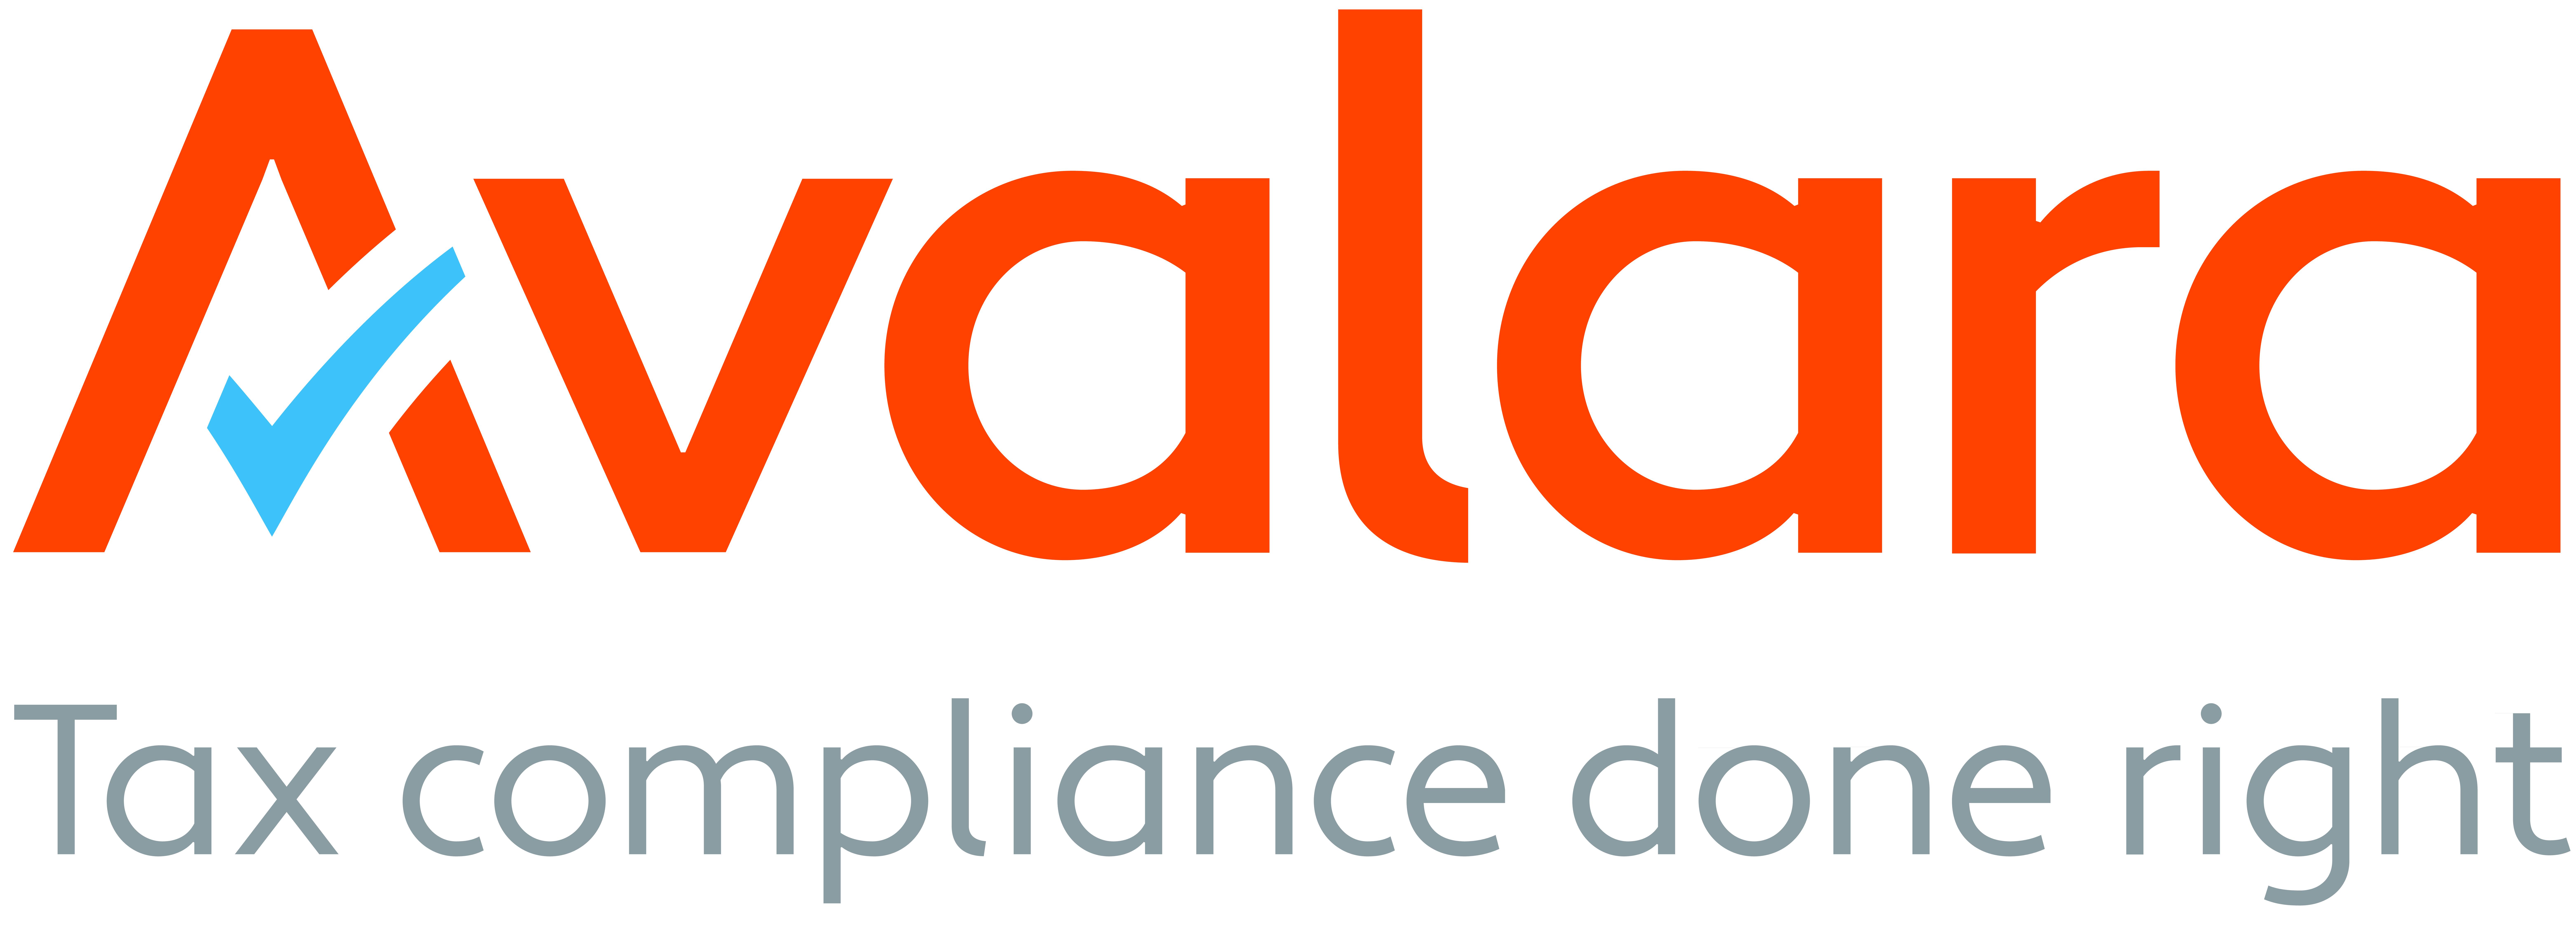 alt='Avalara'  Title='Avalara'